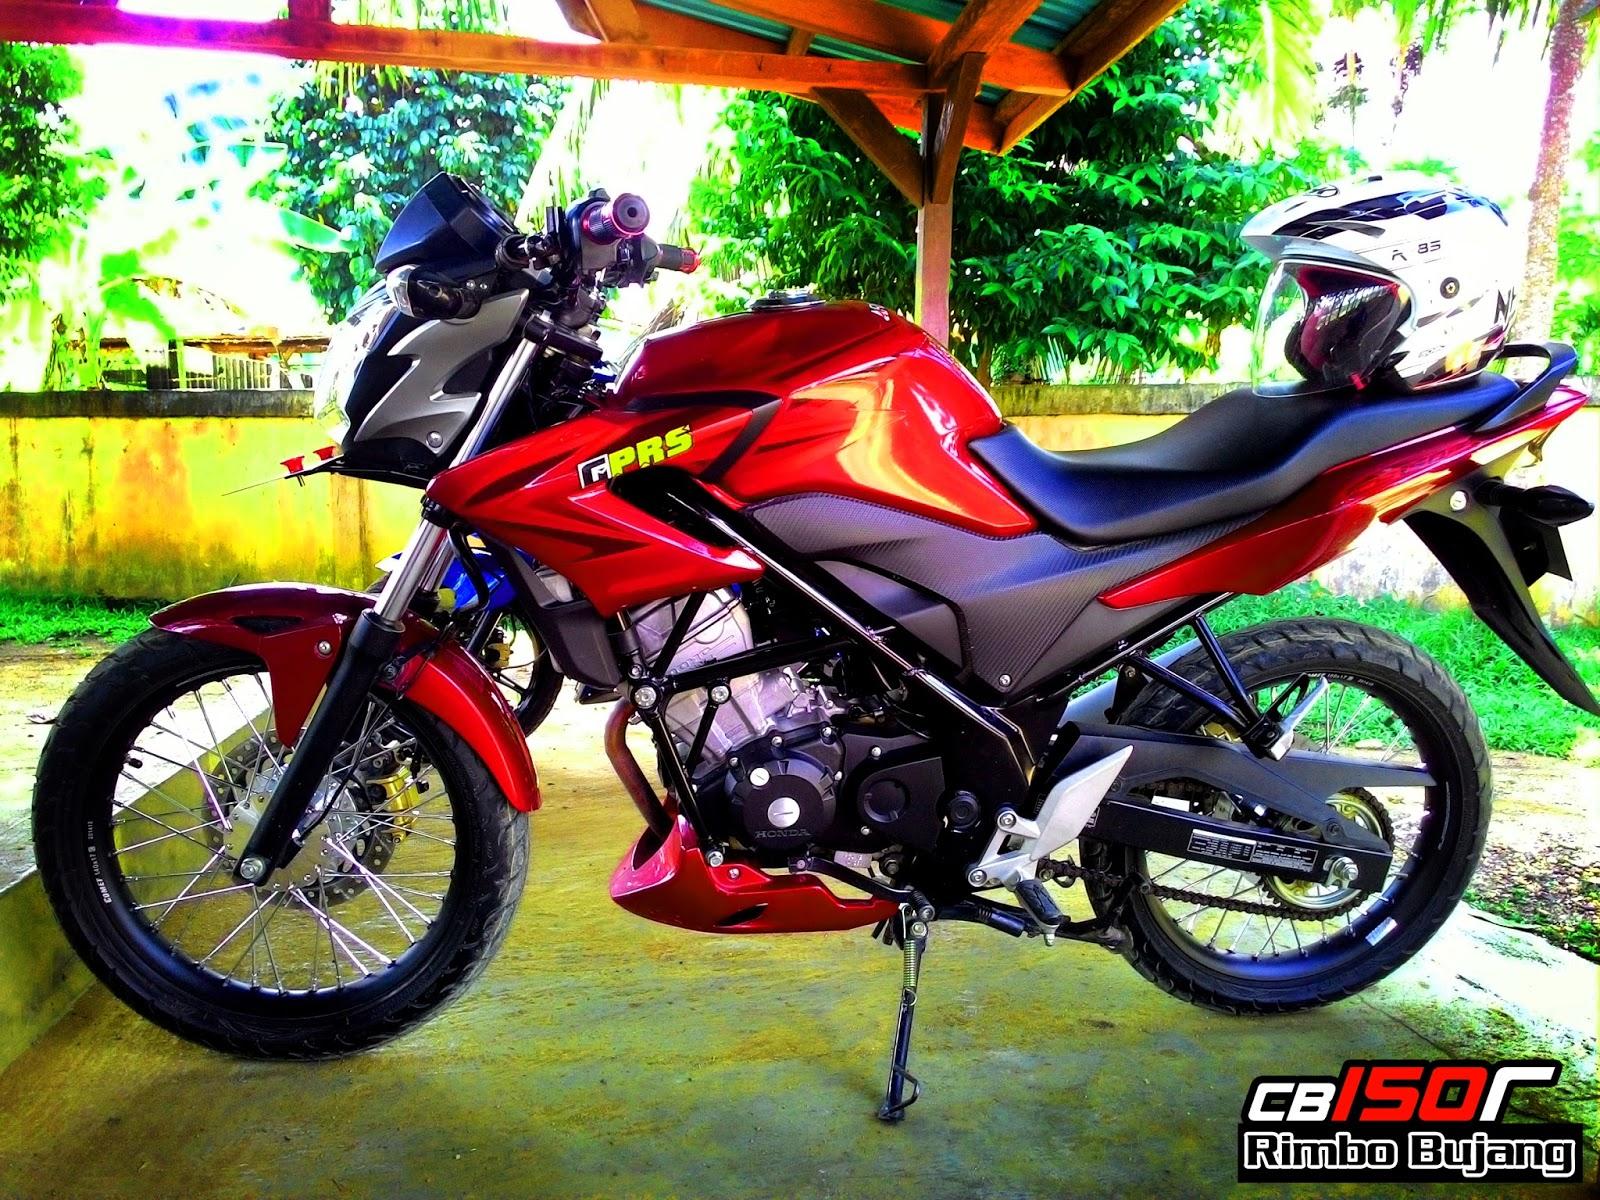 Kumpulan Modif Motor Cb 150 R Jari Jari Modifikasimania